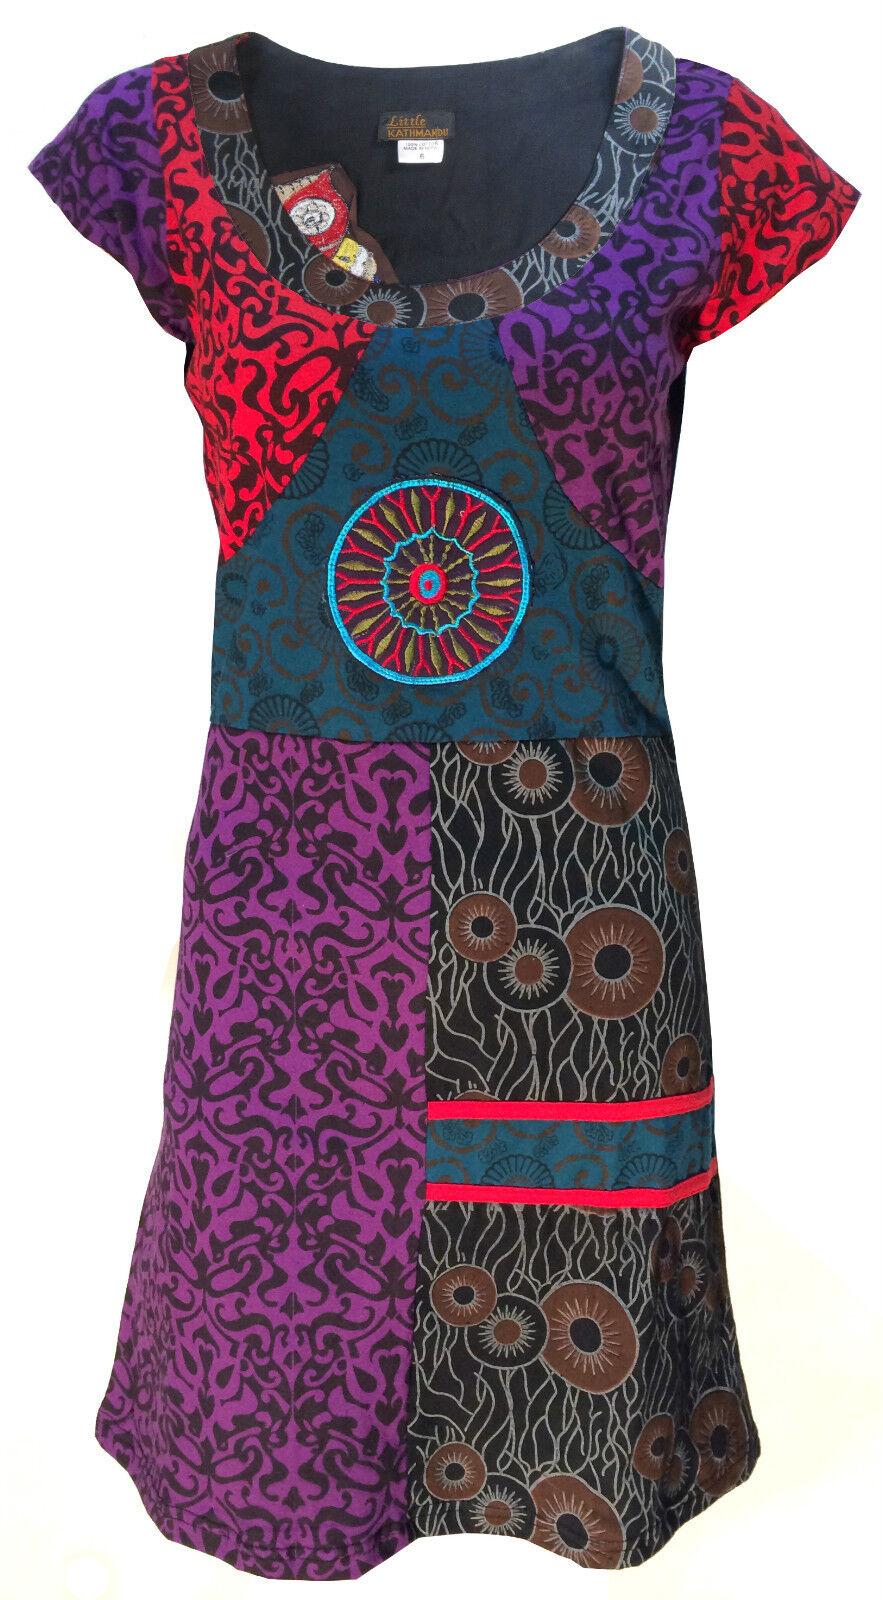 Coton Fait Main Hippie Naturel Kathommedou Boho Rétro Psychédélique Robe